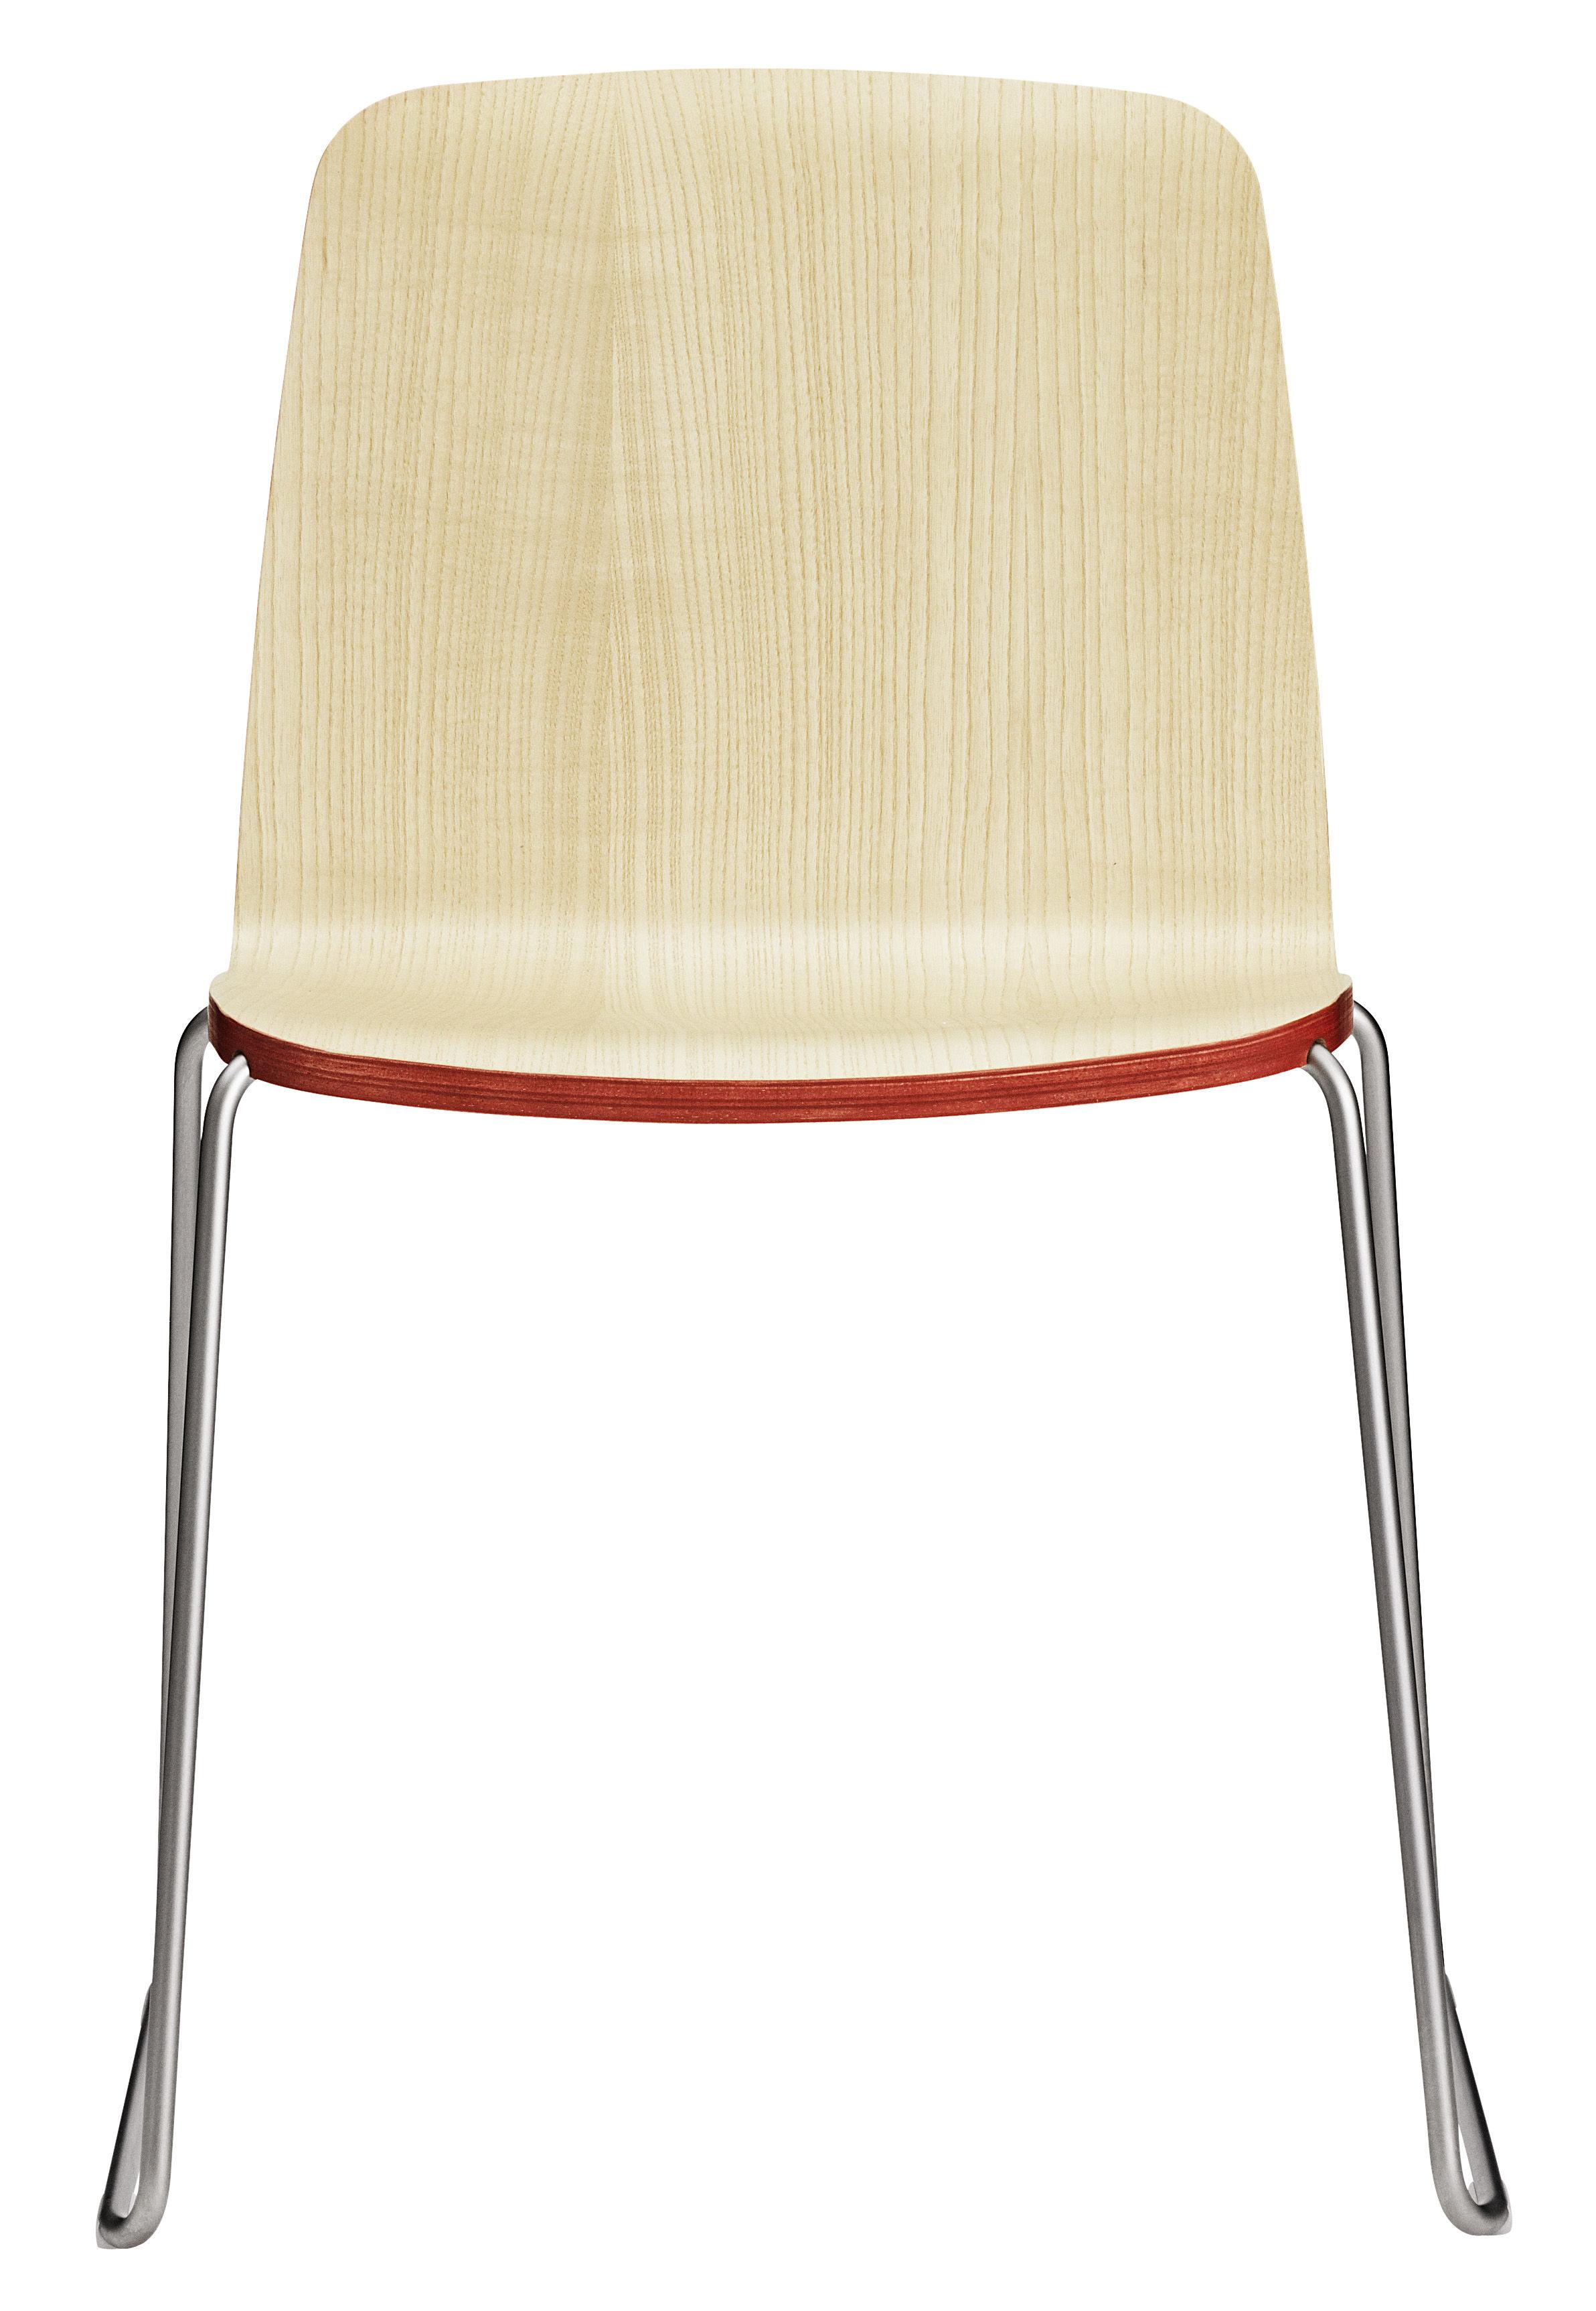 chaise empilable just bois fr ne avec contour rouge pied chrom normann copenhagen. Black Bedroom Furniture Sets. Home Design Ideas